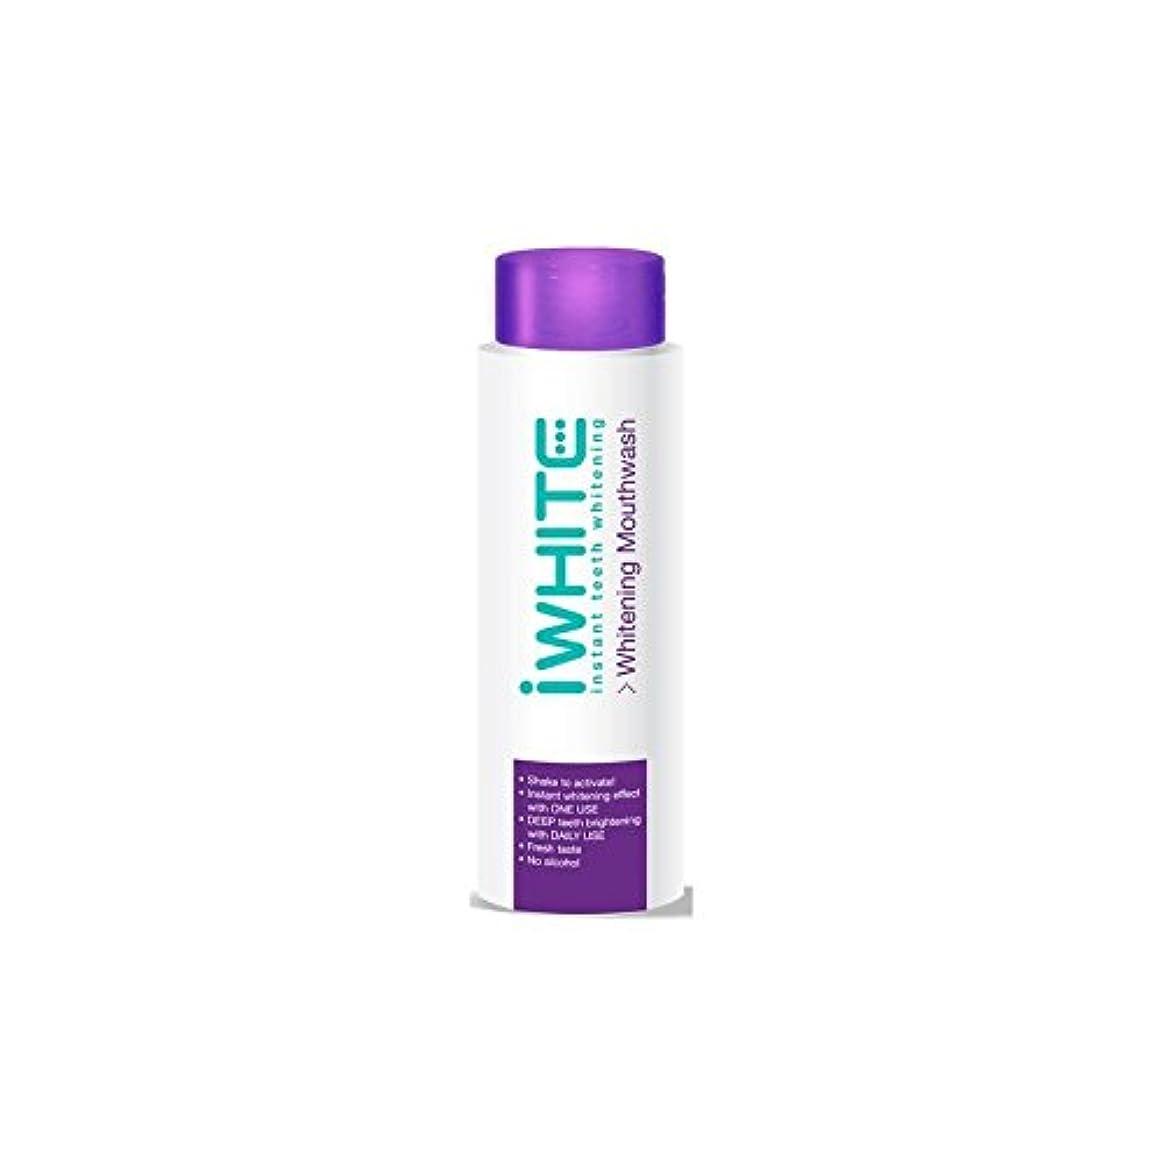 iWhite Instant Teeth Whitening Mouthwash (500ml) - うがい薬を白くインスタント歯(500ミリリットル) [並行輸入品]